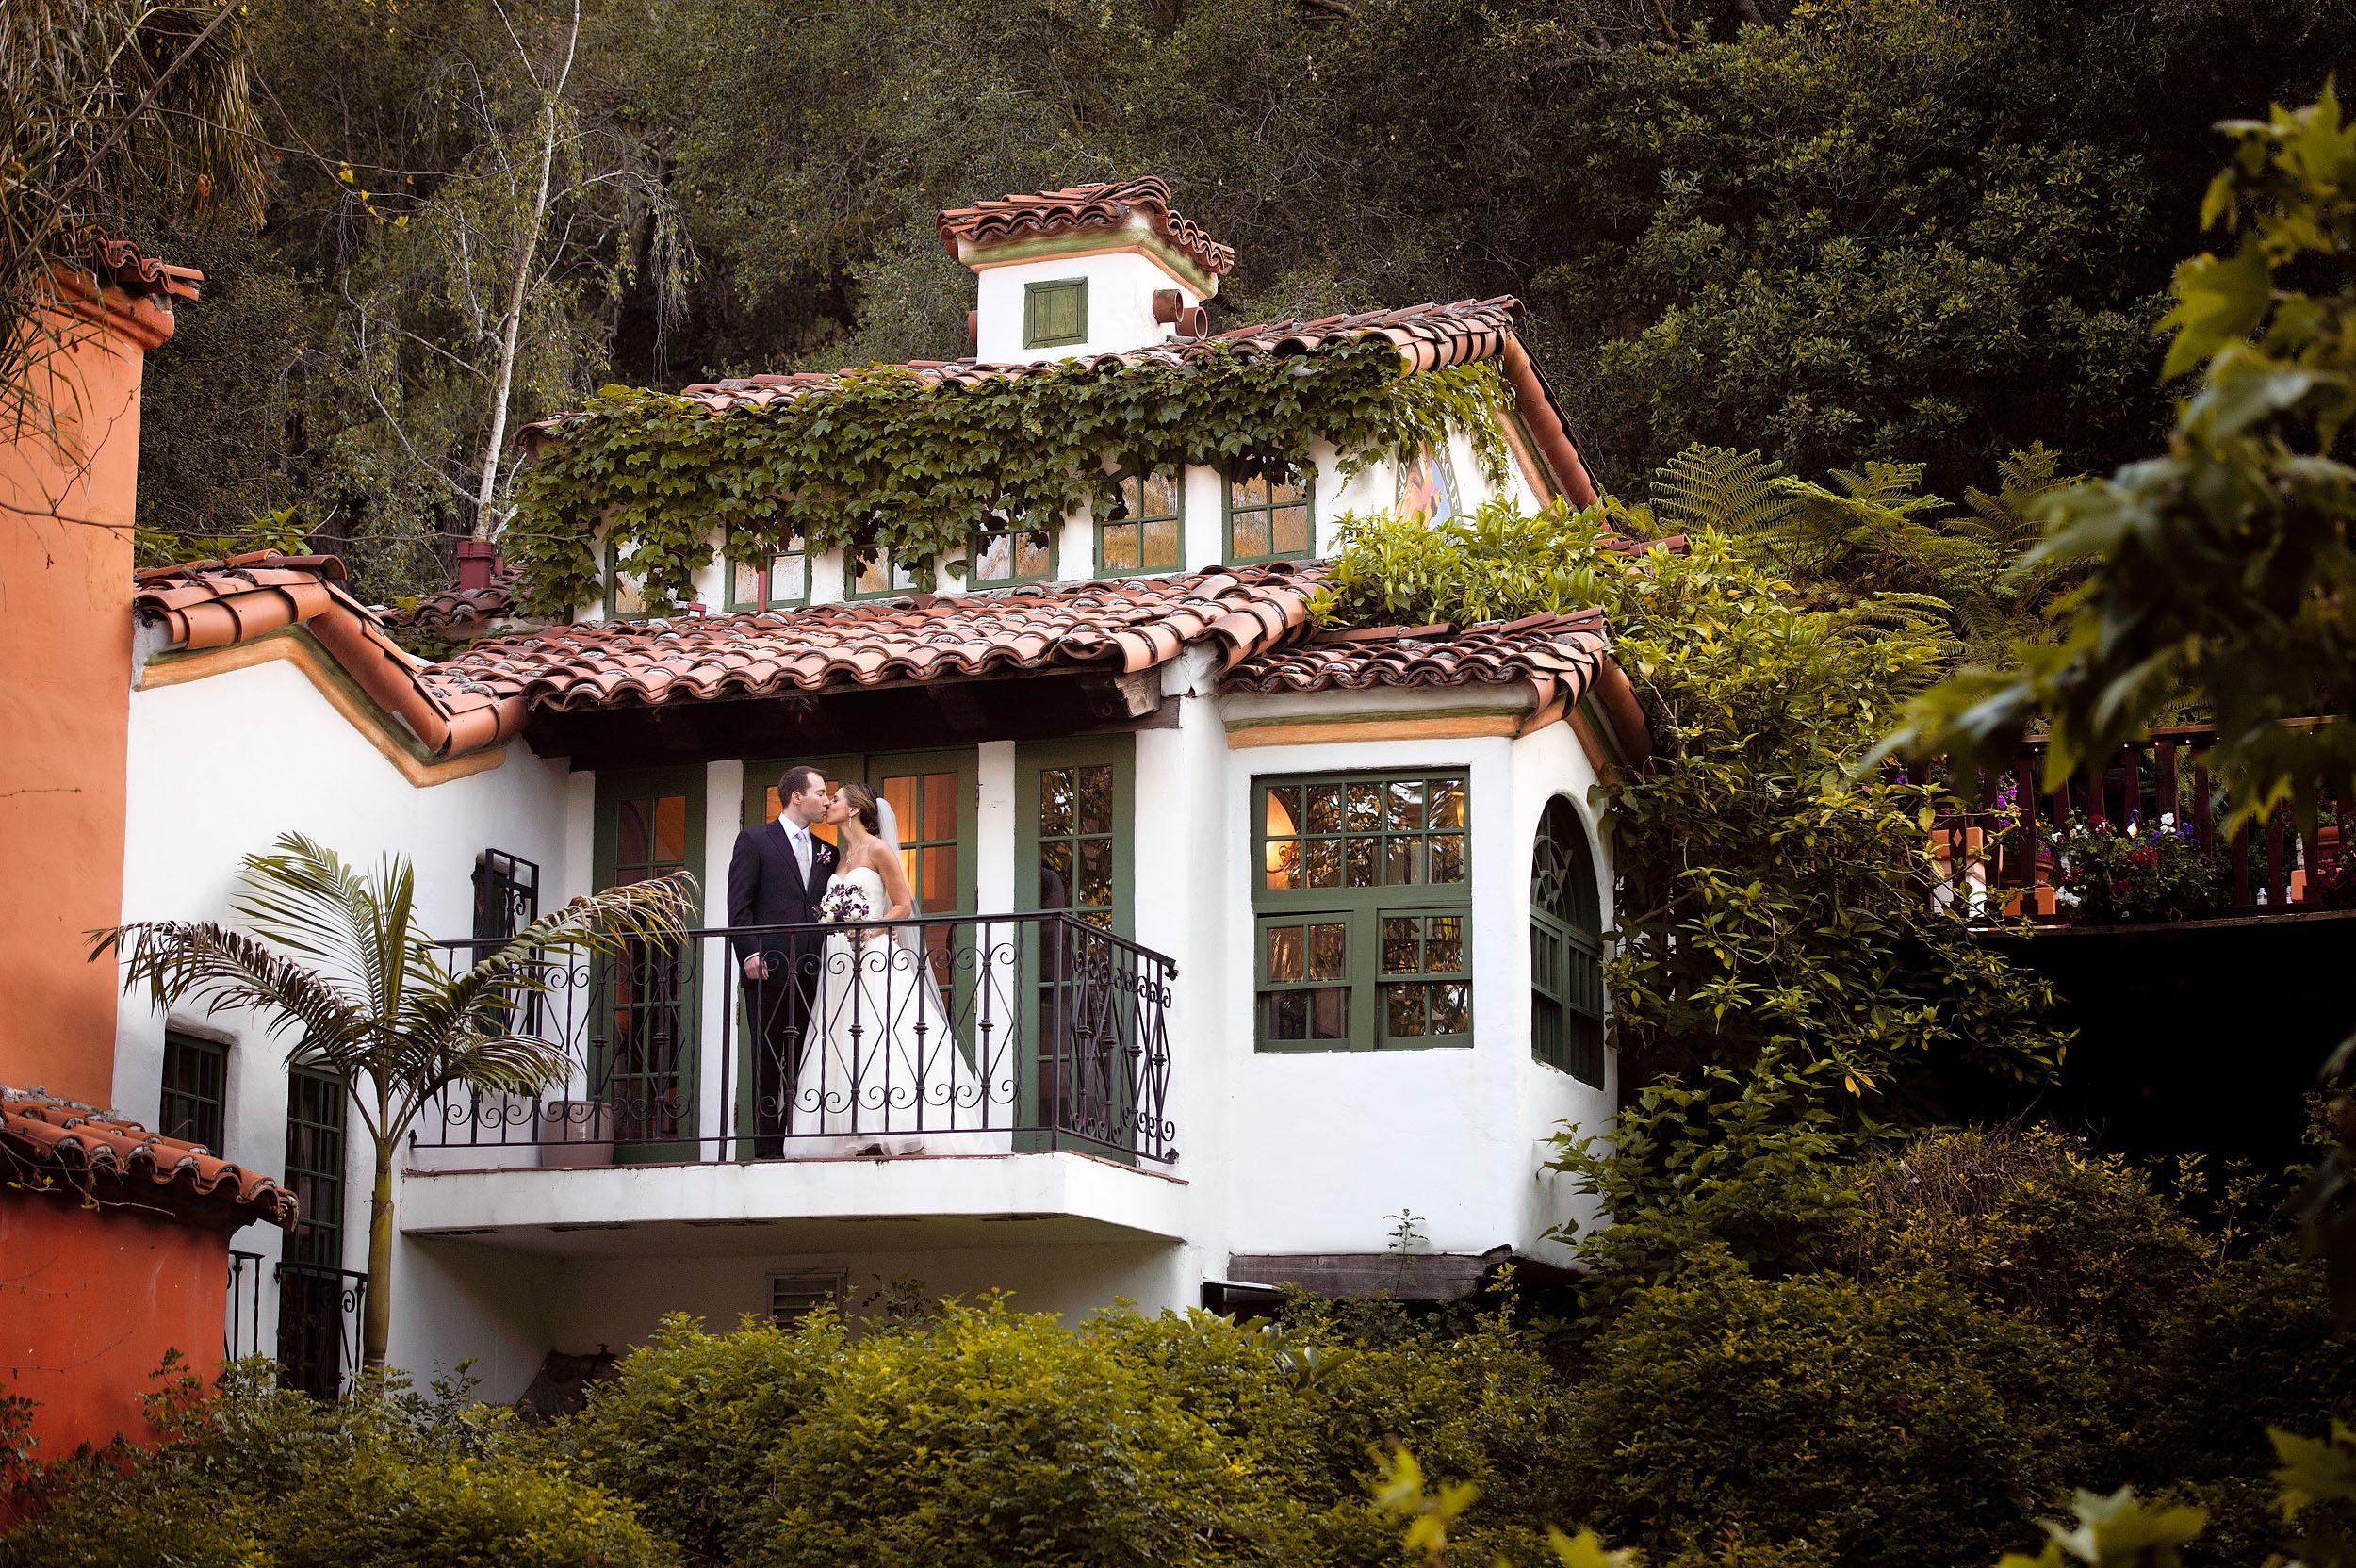 Bride and groom on balcony at Rancho Las Lomas in Silverado.